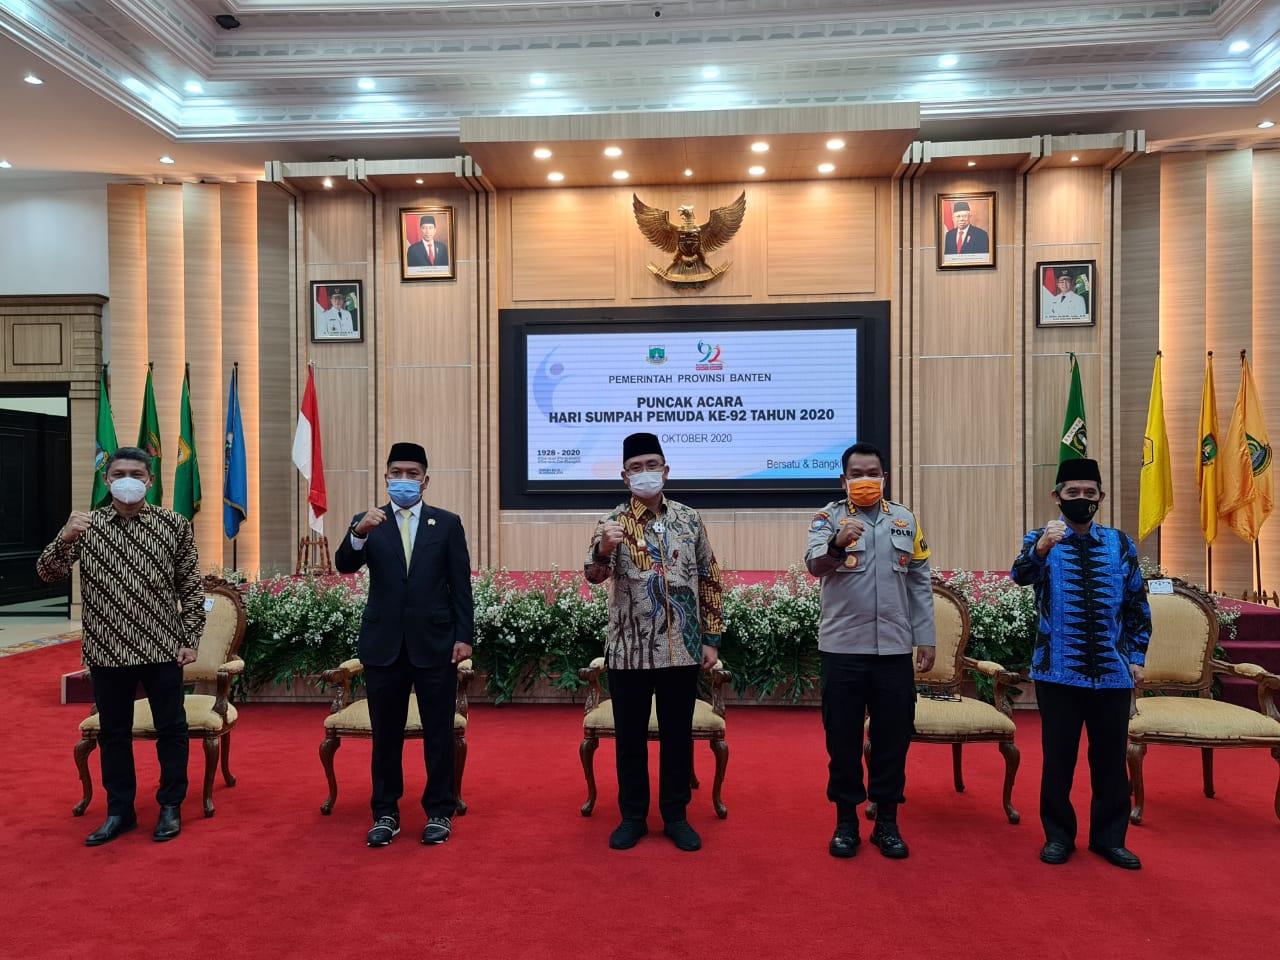 Hari Sumpah Pemuda, Dirbinmas Polda Banten Ajak Pemuda Cegah Penyebaran Covid-19